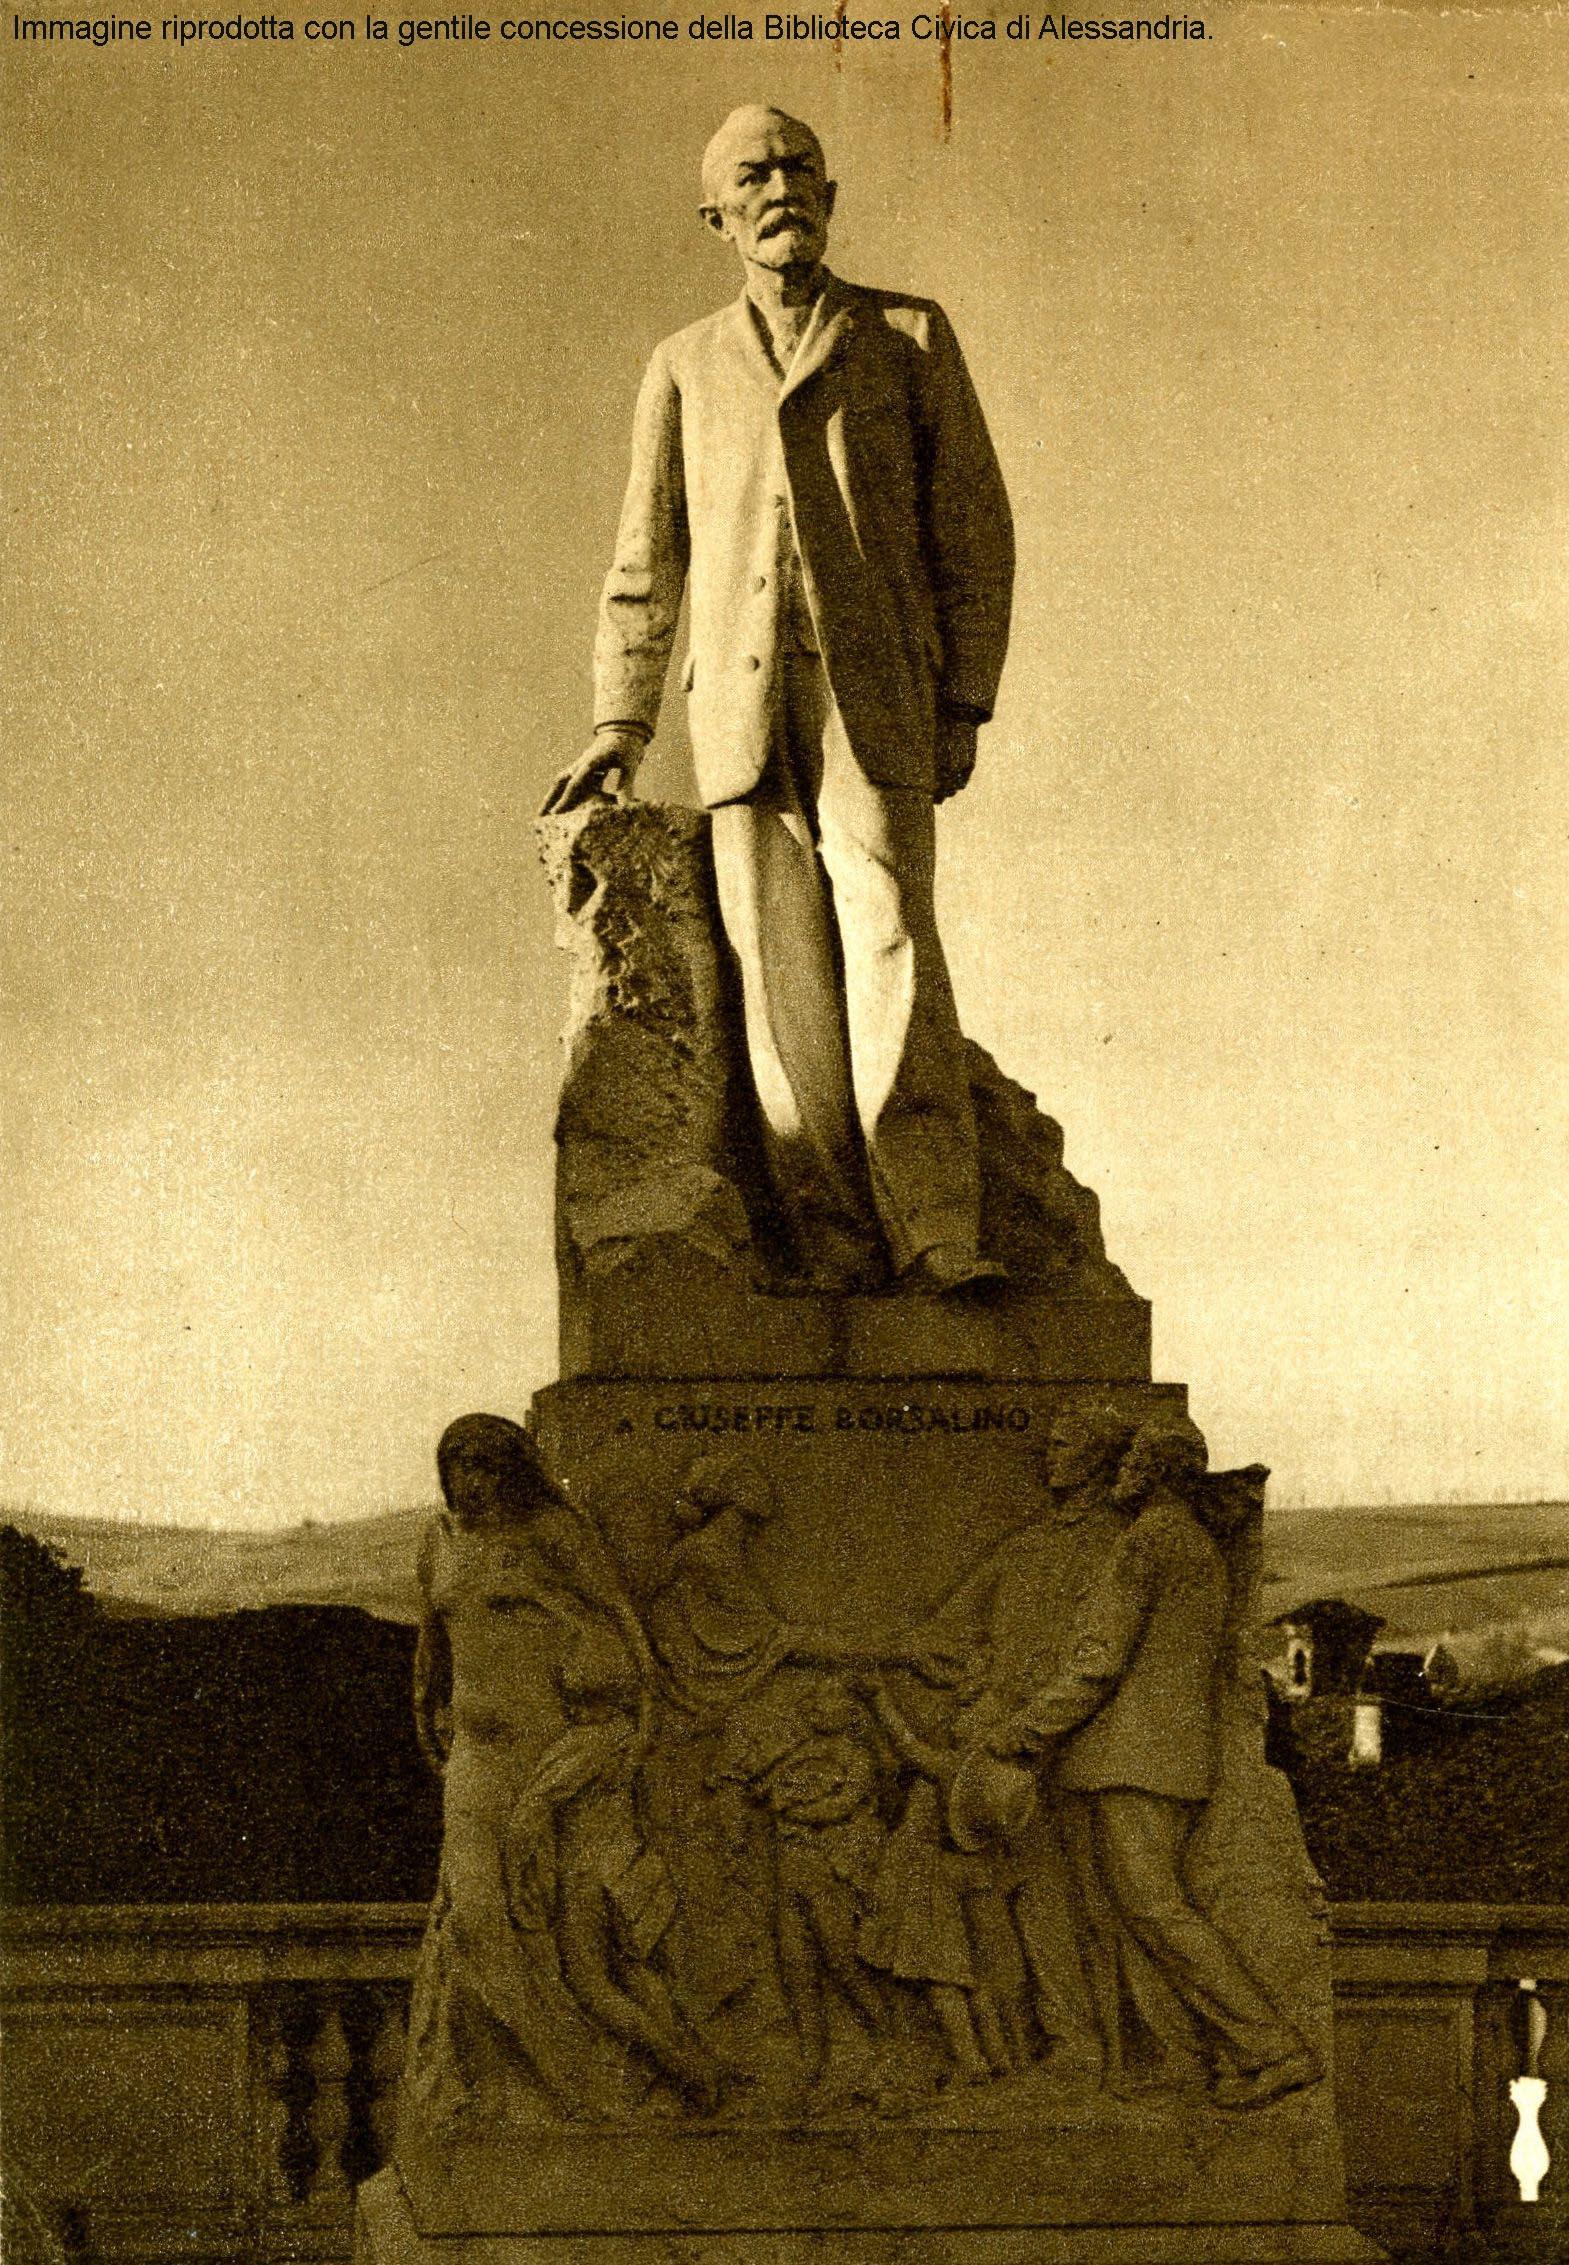 Archivio storico Borsalino - Archivio Opere Borsalino f214d1e46569